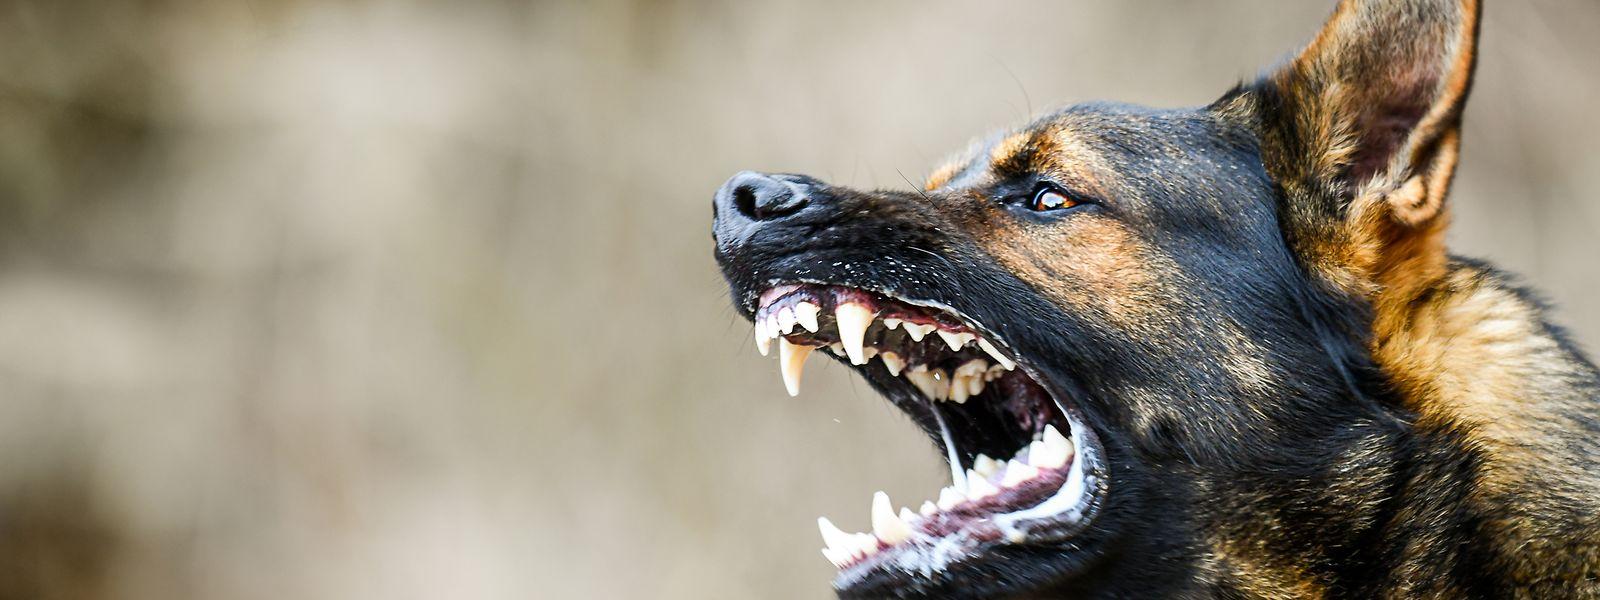 Am Freitag ereignete sich in Schifflingen ein Hundeangriff. Zwei Schäferhunde waren aus ihrem Gehege ausgebrochen.